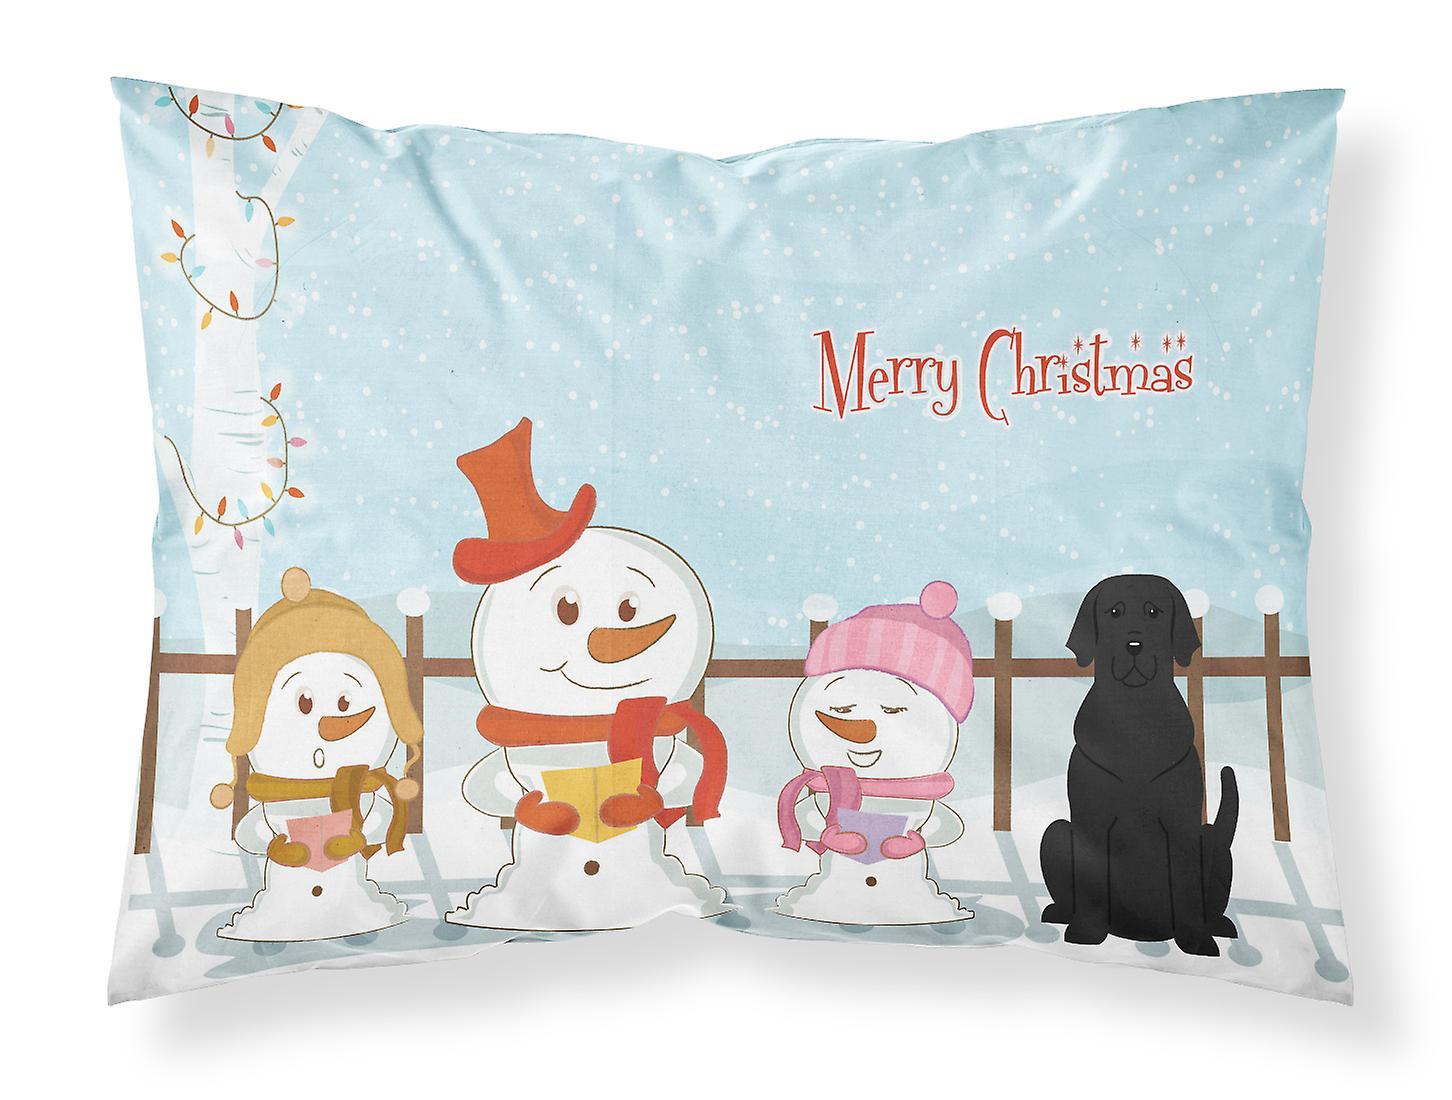 Villancico Feliz Navidad A Todos.Cantantes De Villancicos Feliz Navidad Negro Labrador Tela Funda De Almohada Estandar